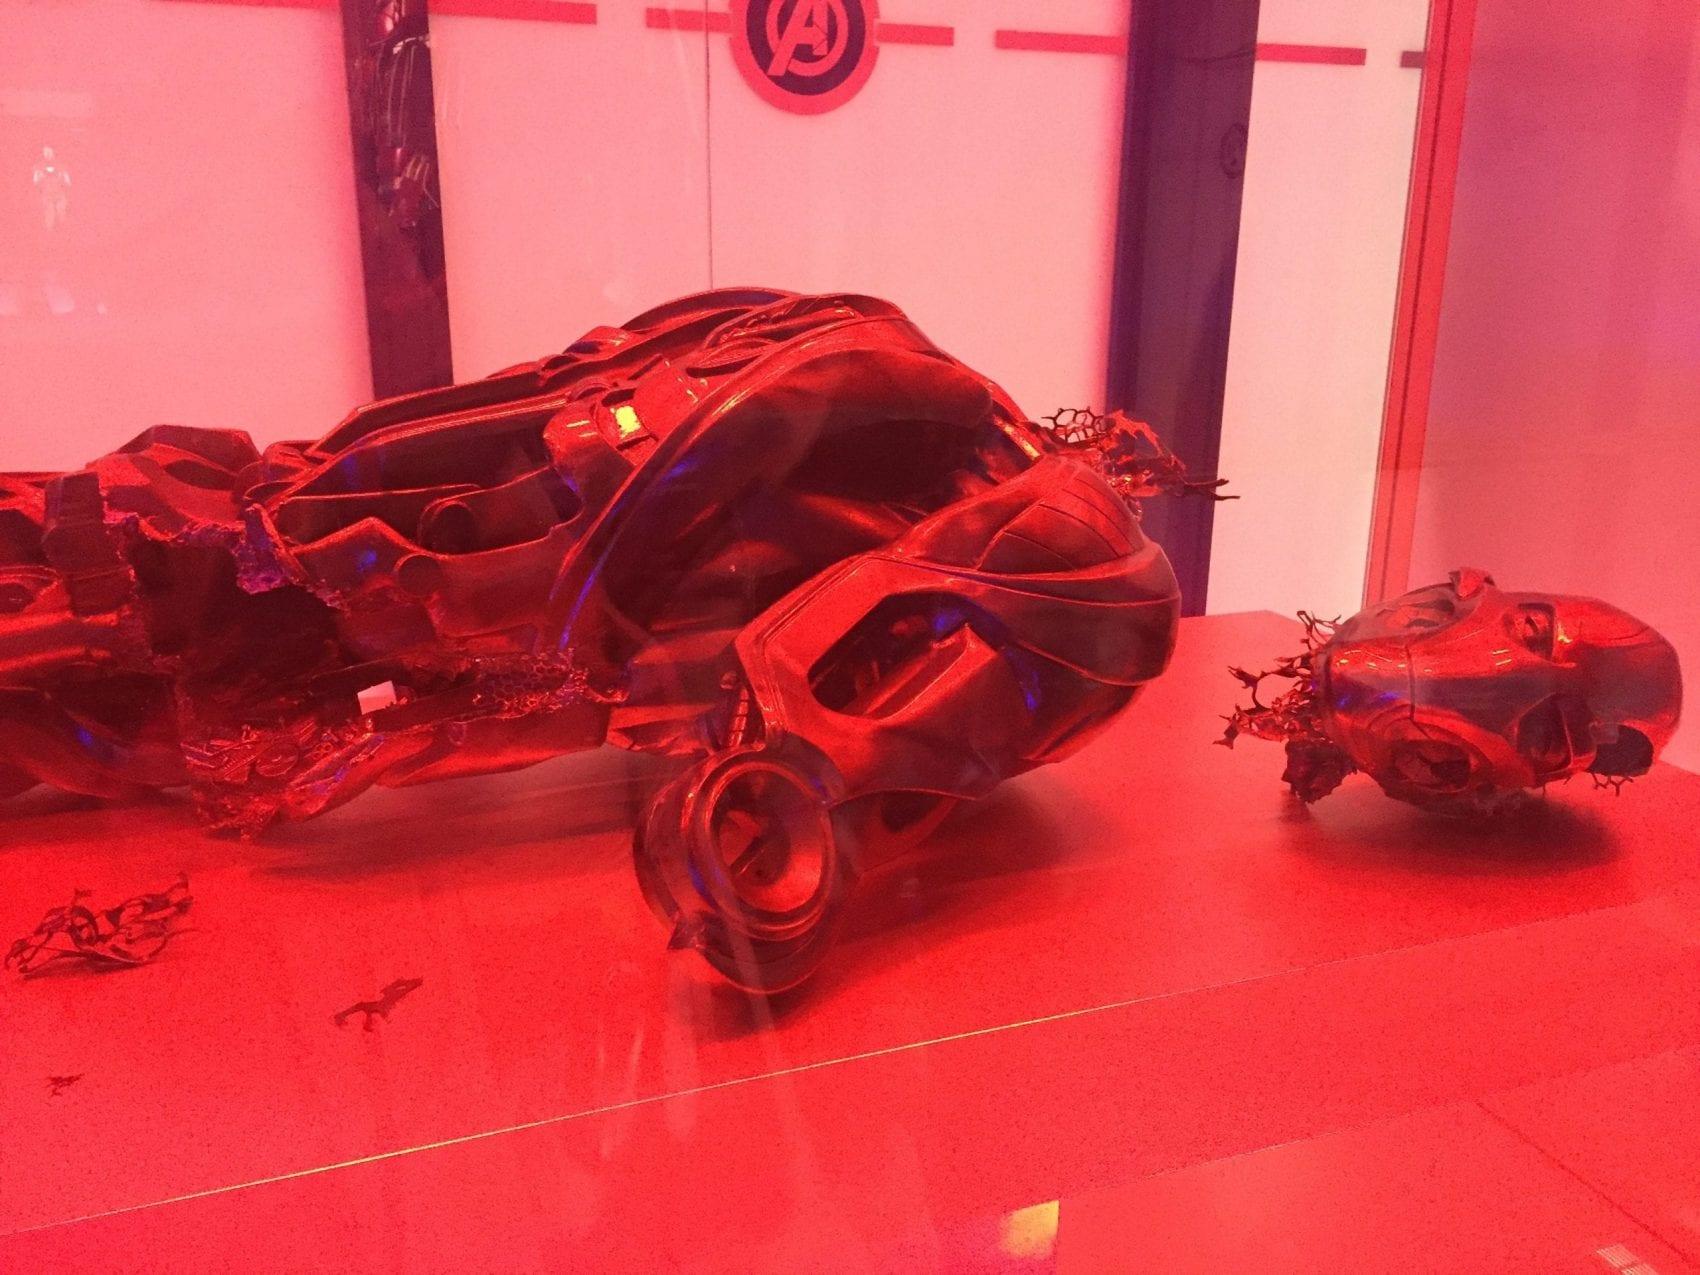 Avengers STATION Event My Geek Actu Ultron